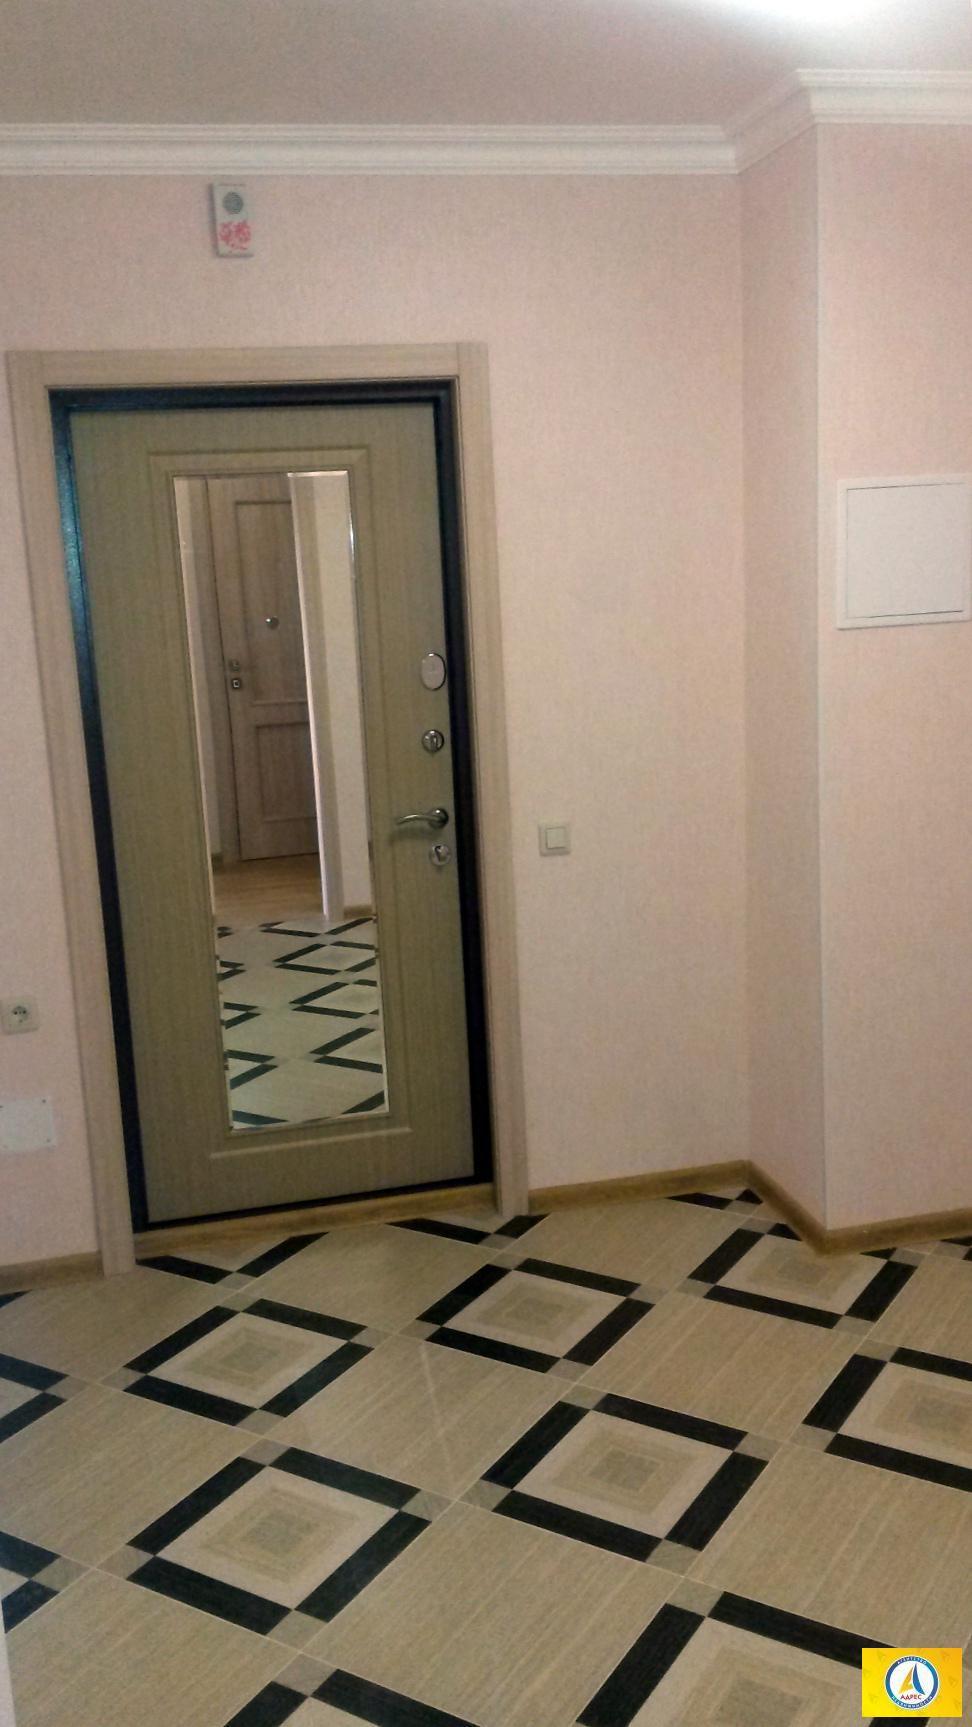 входная дверь в квартиру заказать в г домодедово